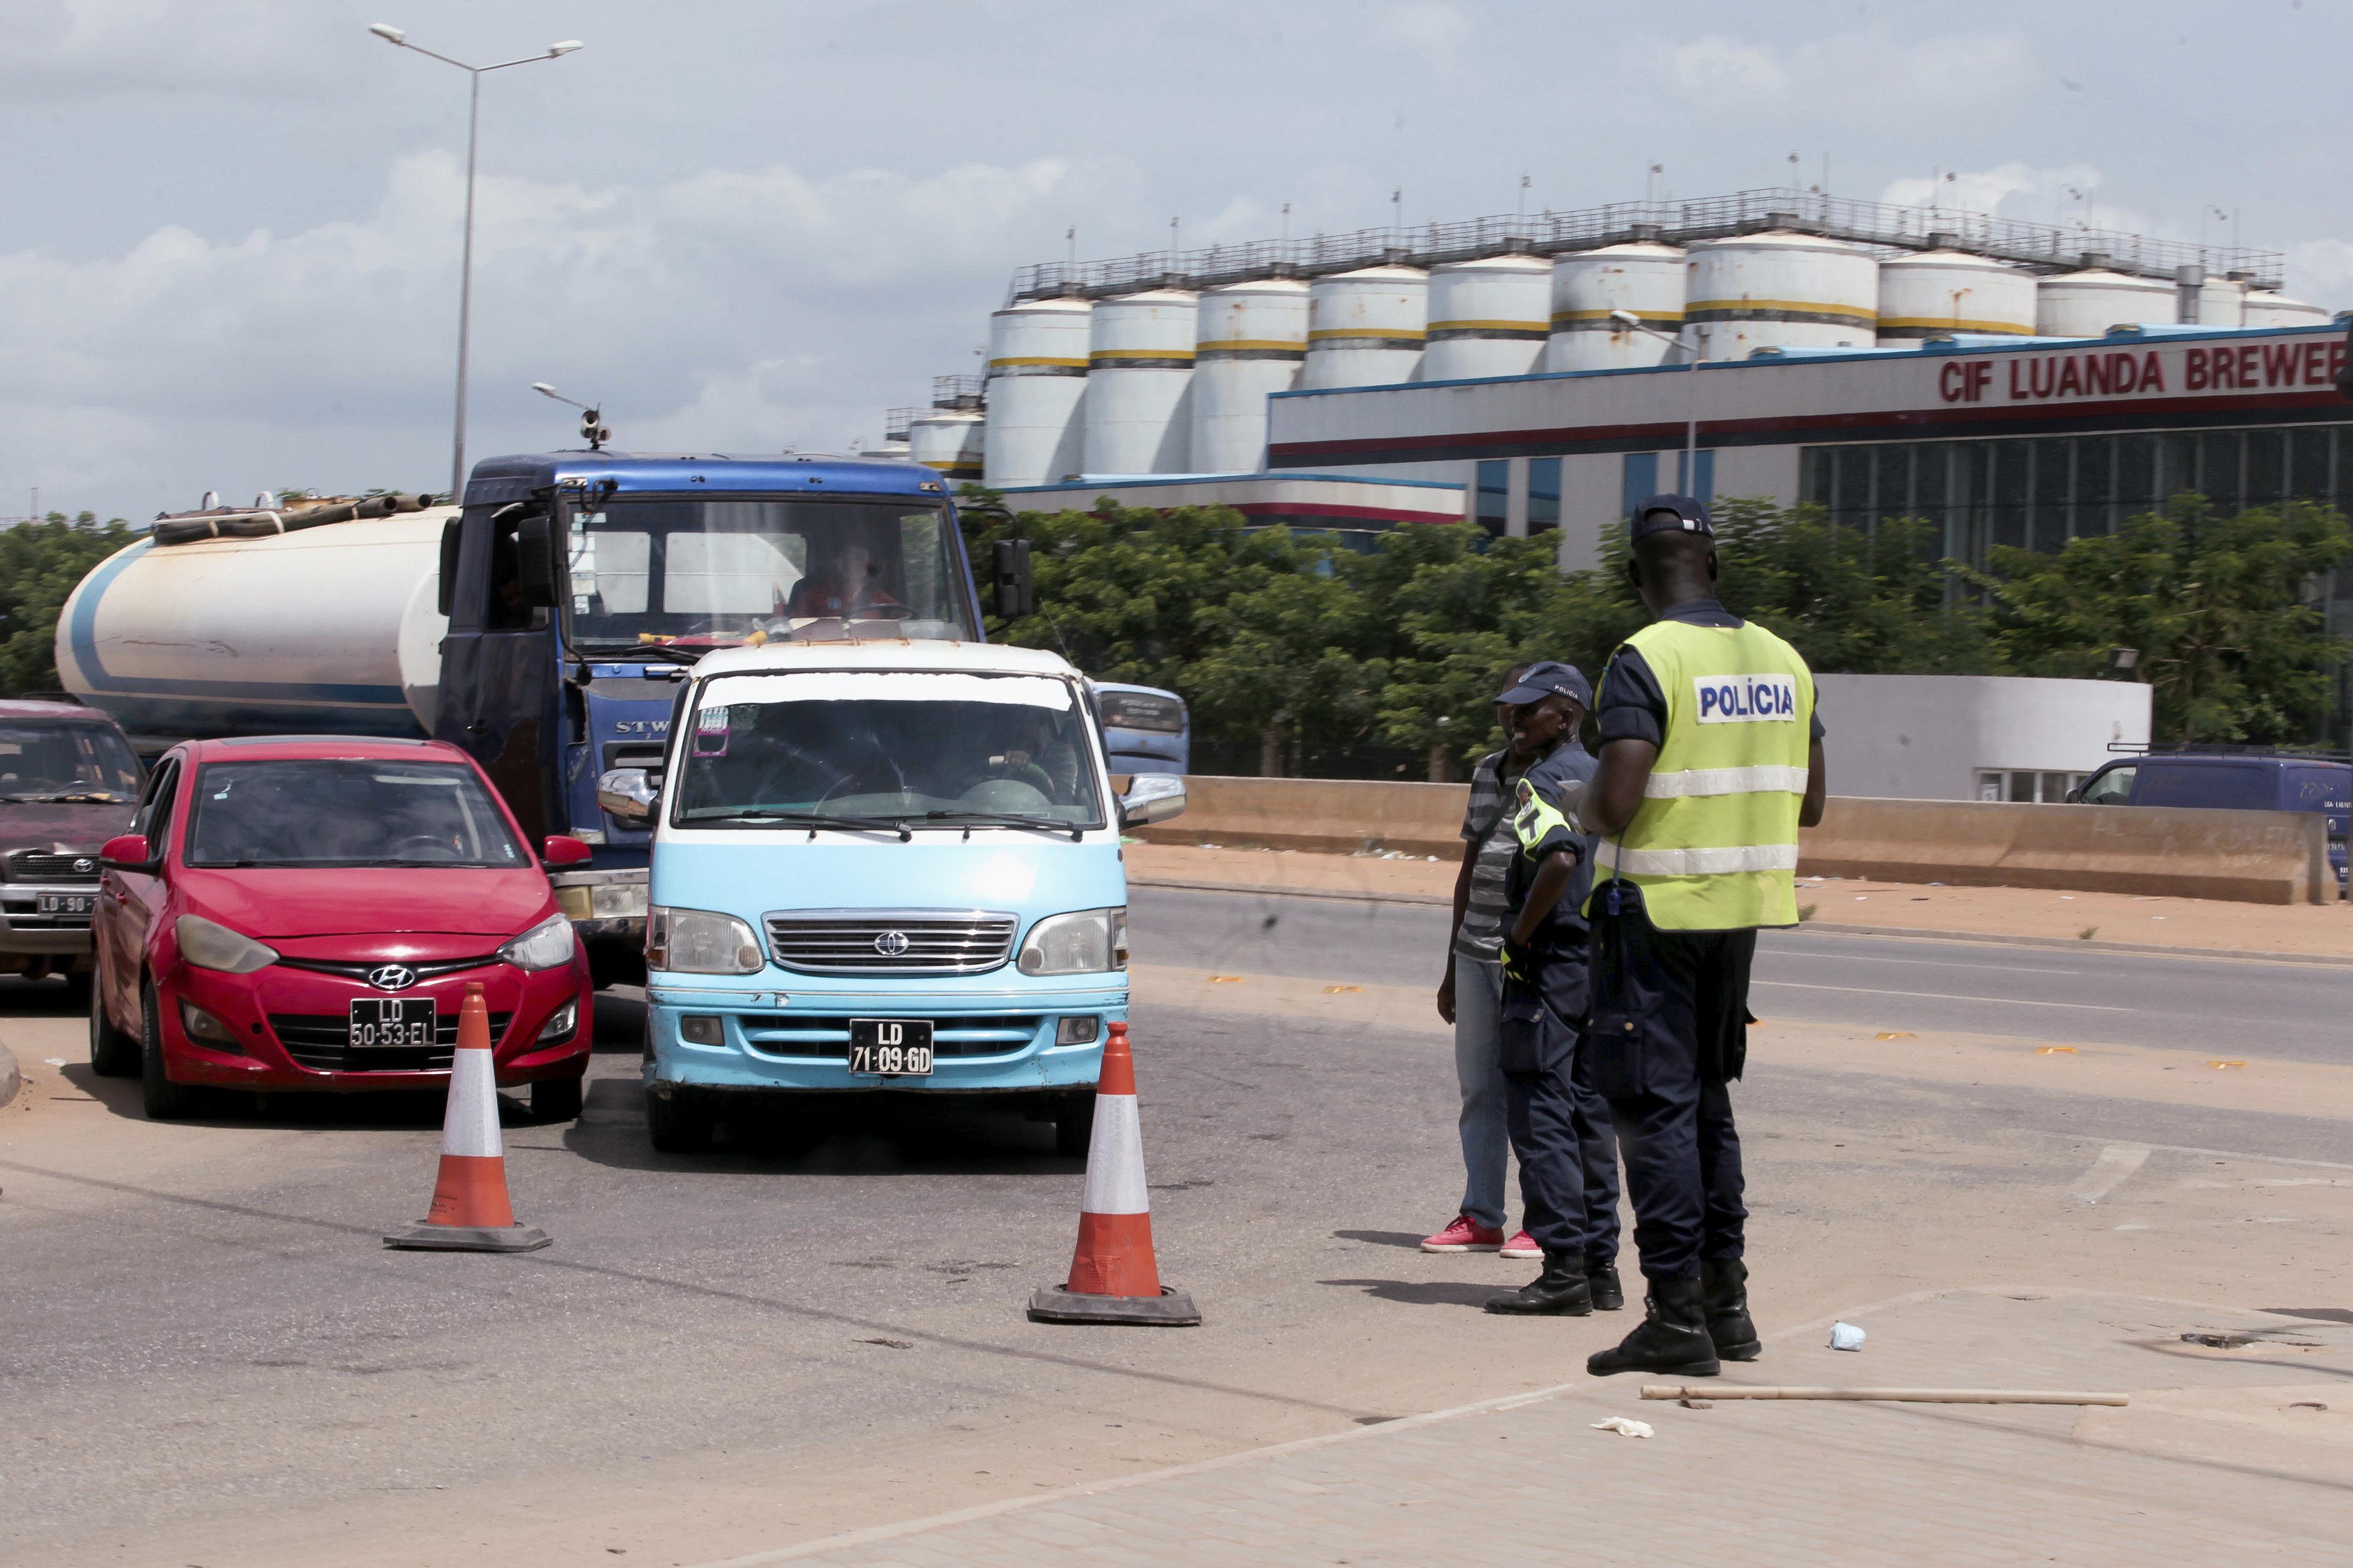 Desobediência ao estado de emergência leva a 337 detenções em 24 horas em Angola